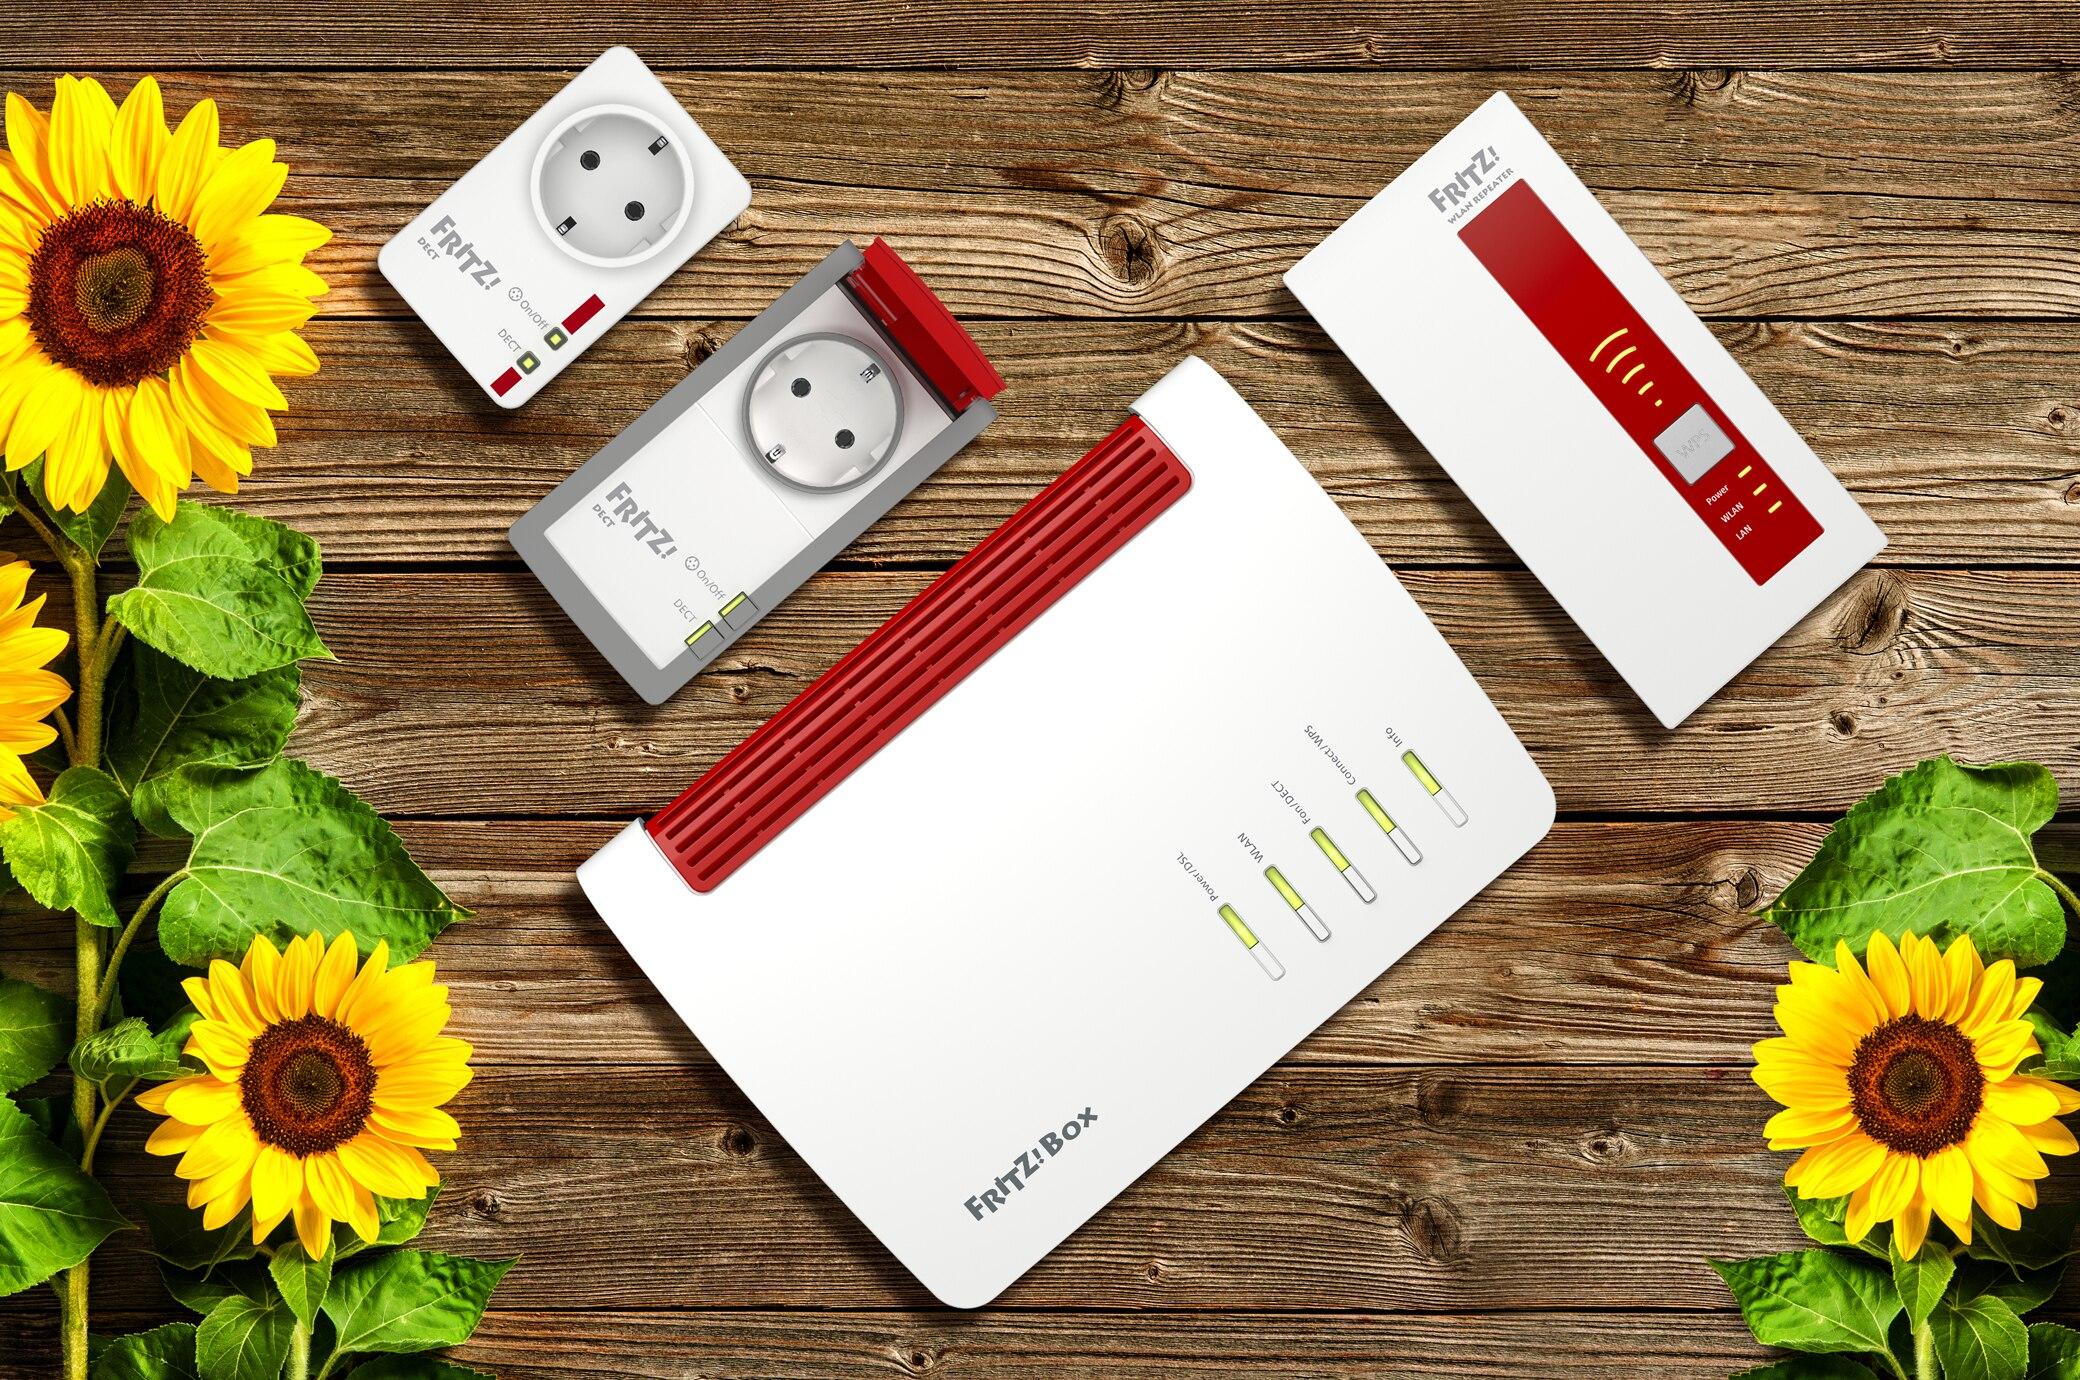 Wie viel Smart Home bieten die beliebten Fritzbox-Router?